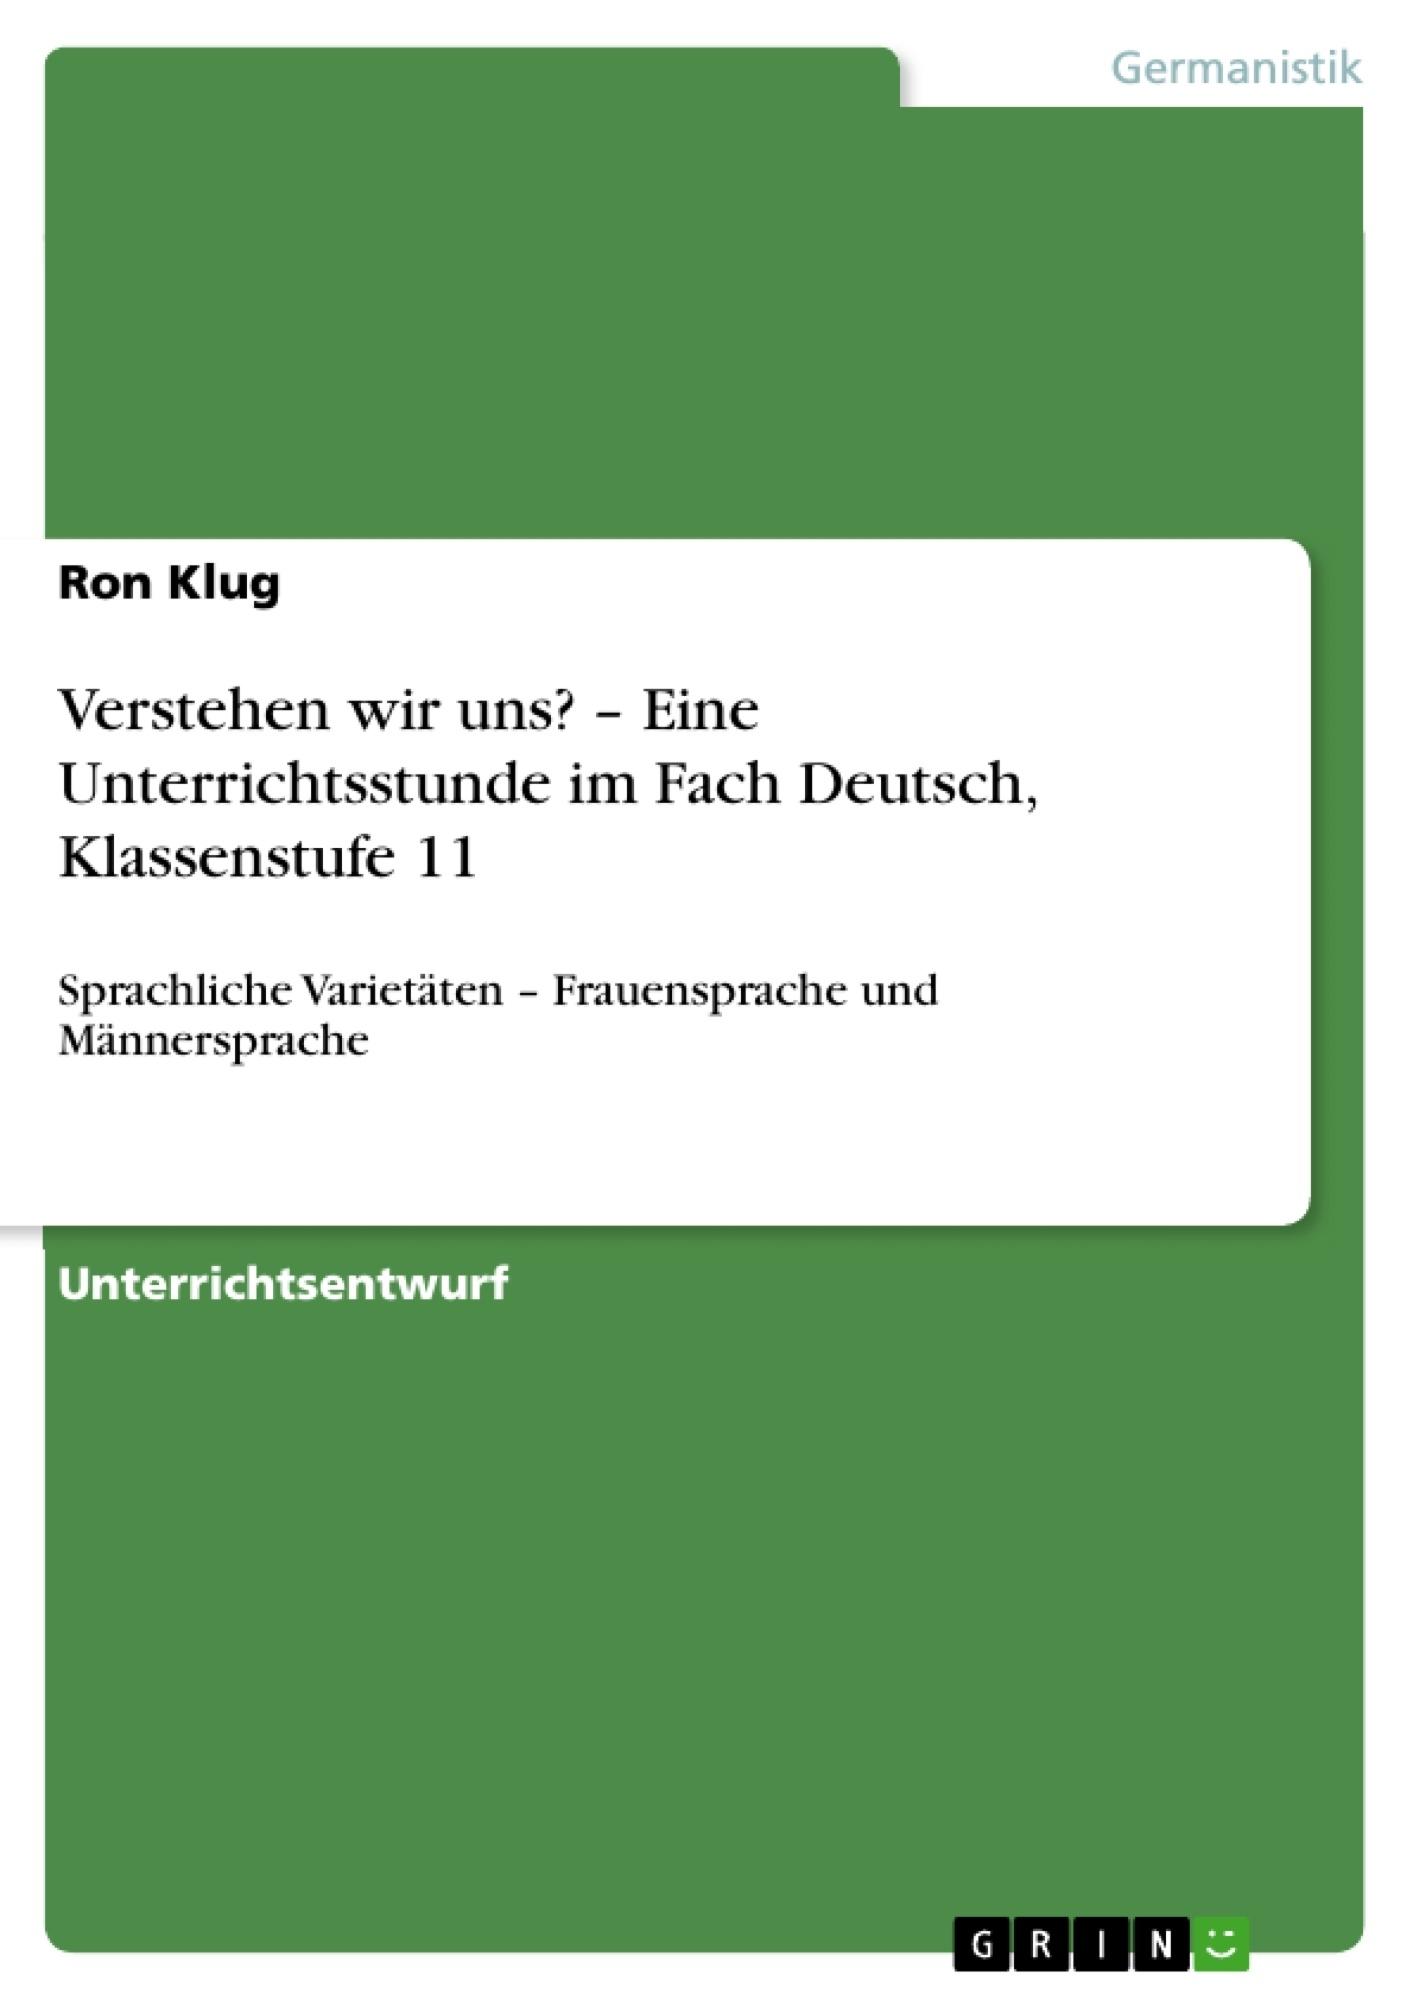 Titel: Verstehen wir uns? – Eine Unterrichtsstunde im Fach Deutsch, Klassenstufe 11